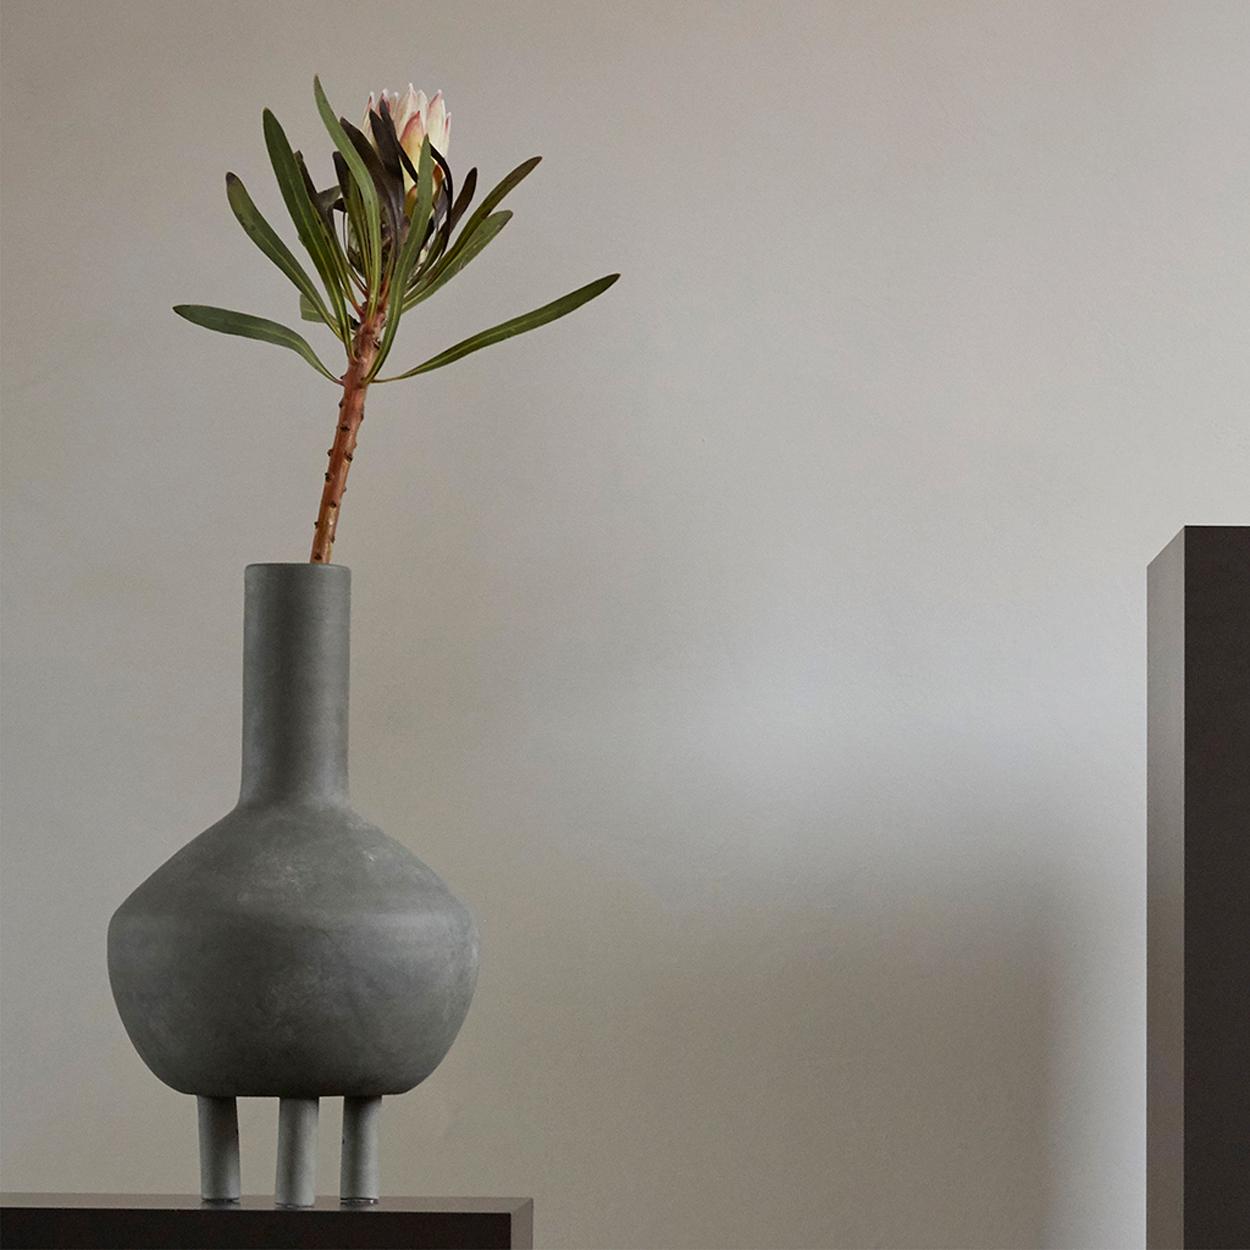 101 Copenhagen Duck Vase On The Table